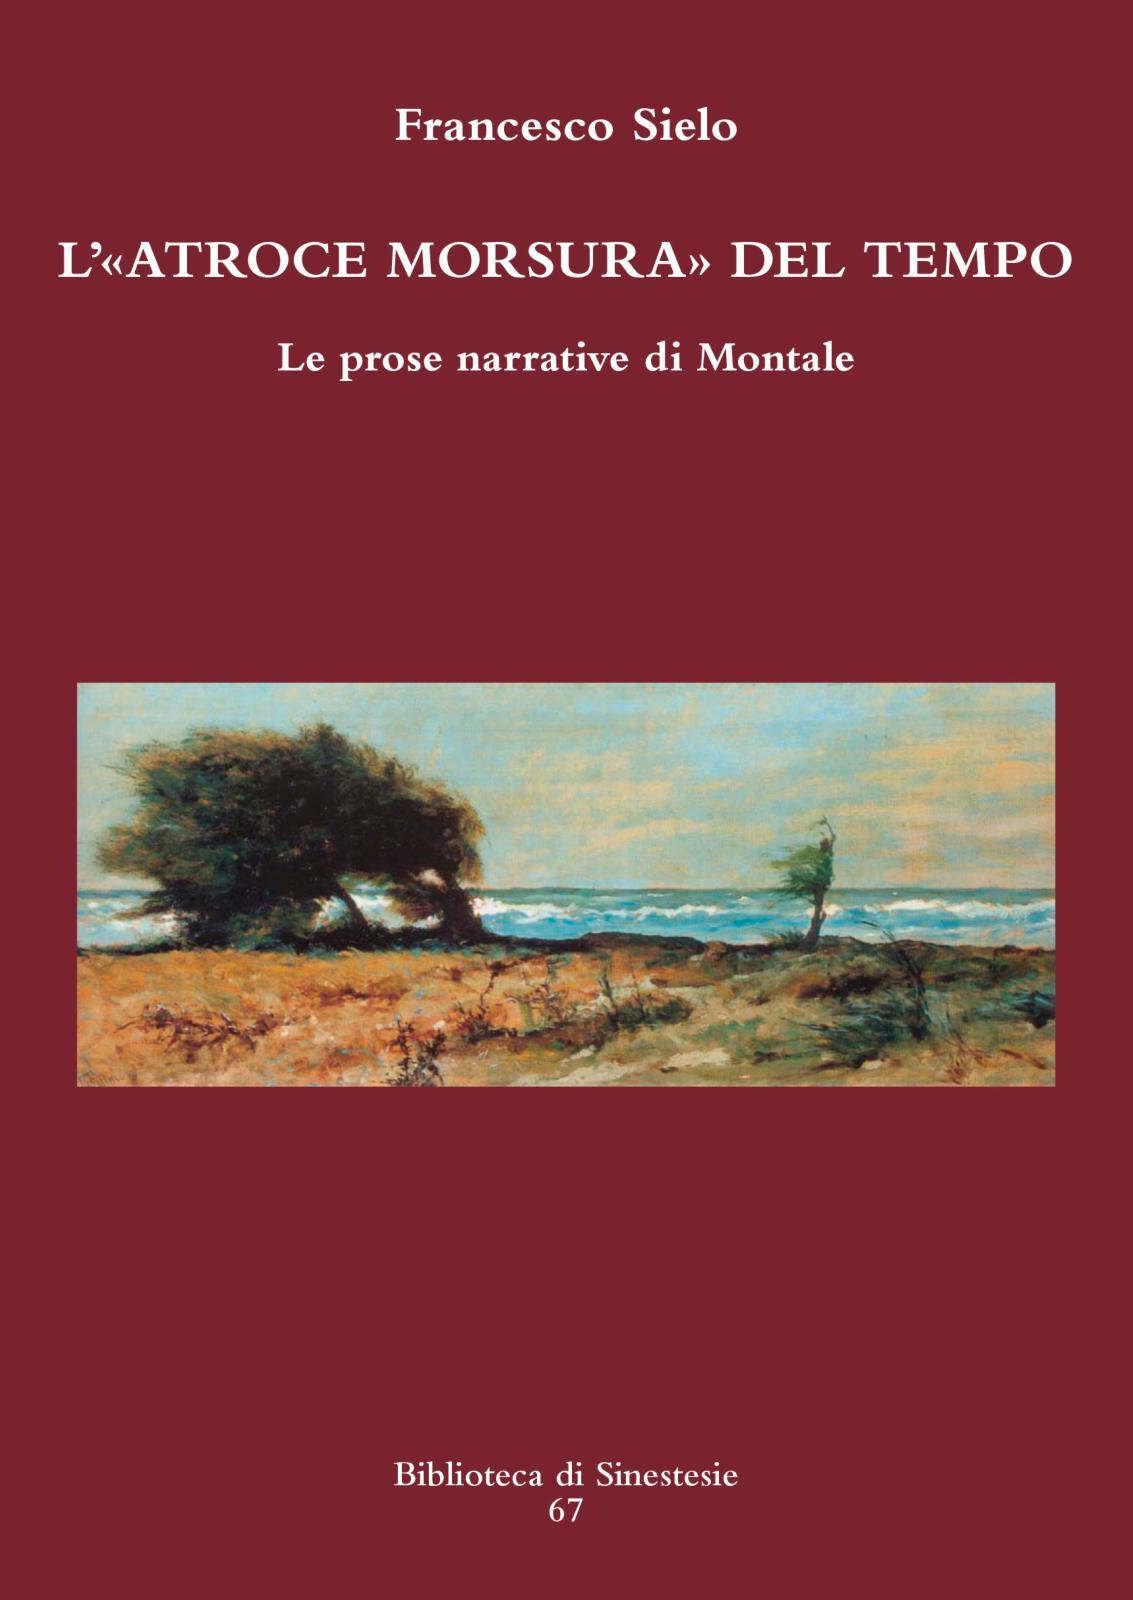 Scintilla Centro Estetico Segrate calaméo - l'«atroce morsura» del tempo. le prose narrative